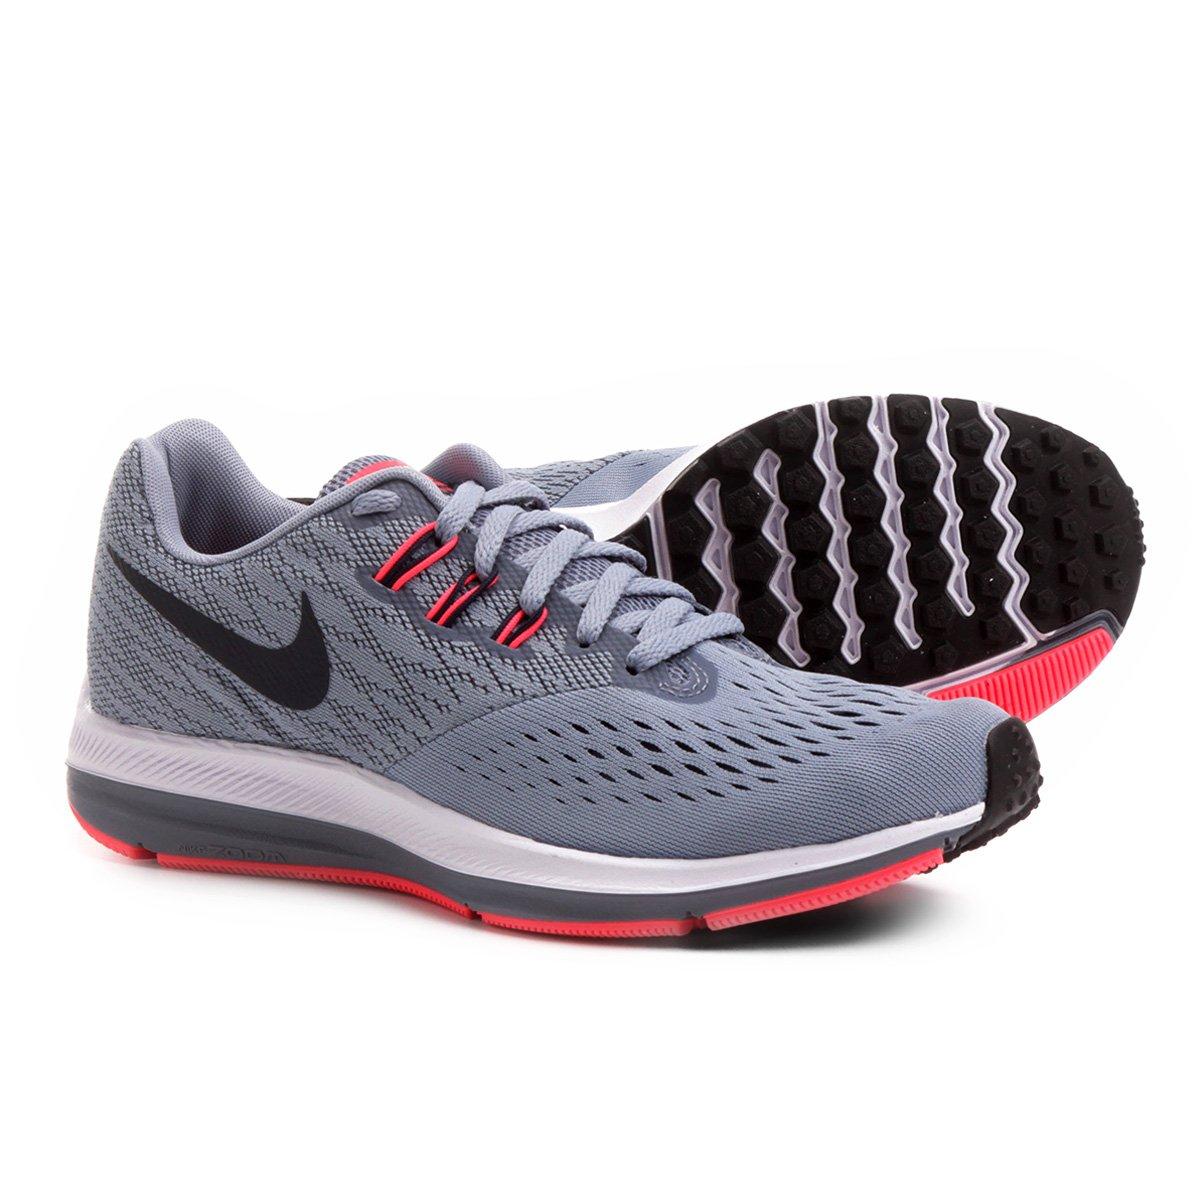 56619c70e Tênis Nike Zoom Winflo 4 Feminino - Compre Agora